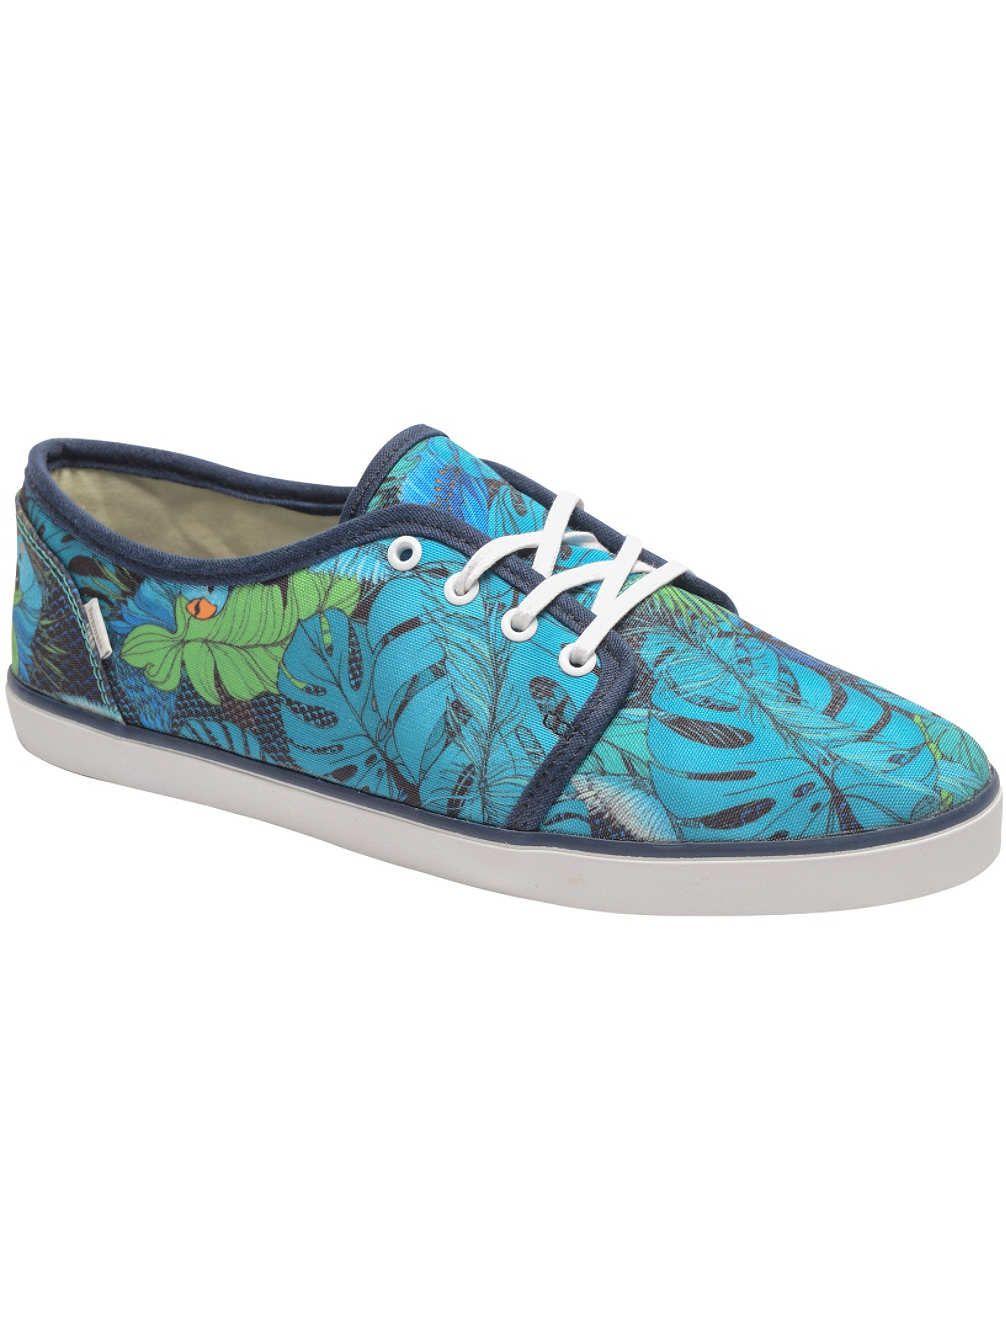 Element Lis Sneakers. tropical - swwwweeeeetttt!